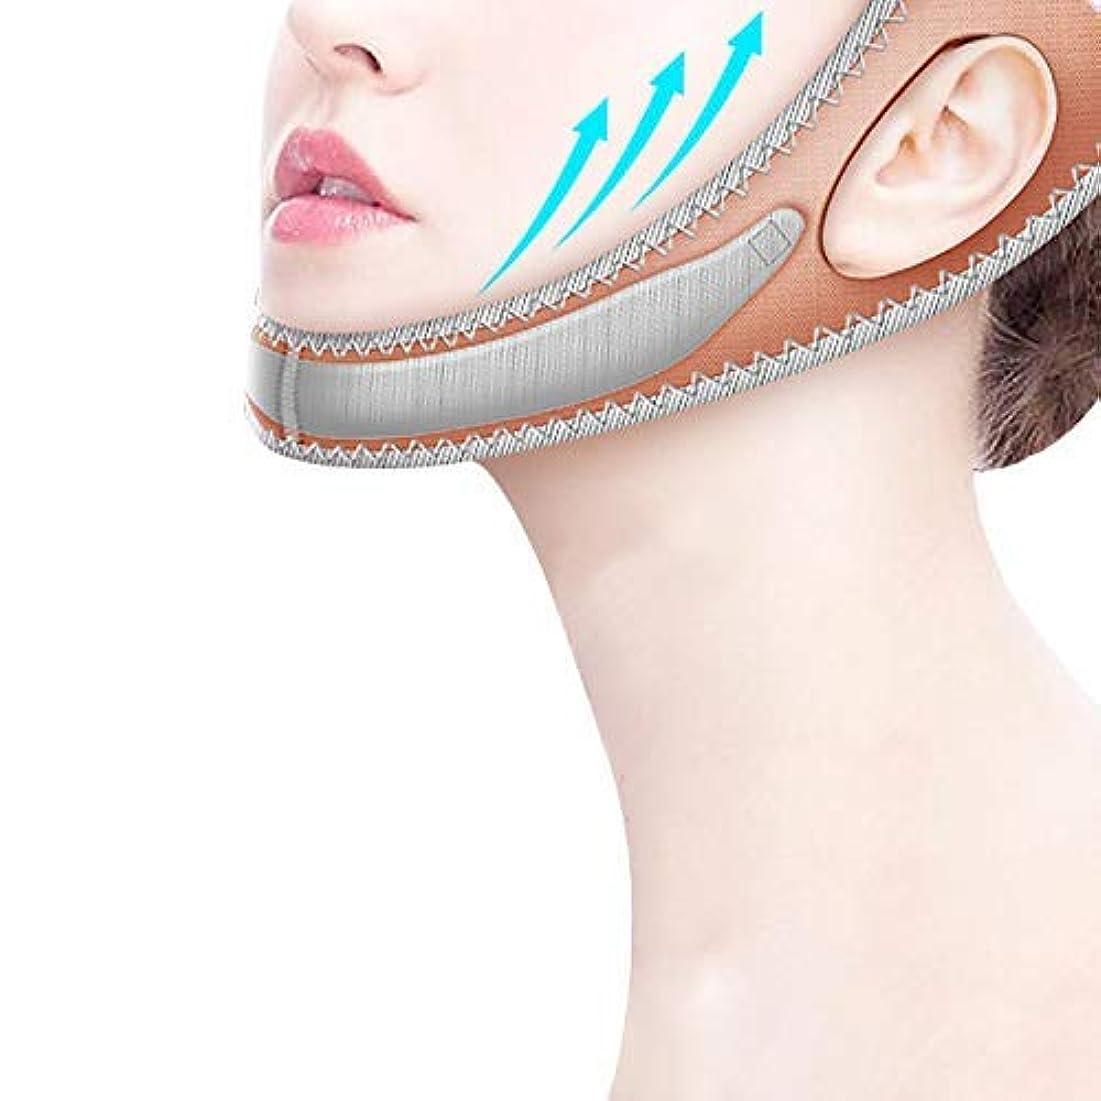 ノベルティ驚くばかり起きろ二重あごのプラスチック顔のアーティファクトの器械の美顔術のマッサージャーの近くで持ち上がる小さいVの表面の器械の包帯のマスクとの睡眠